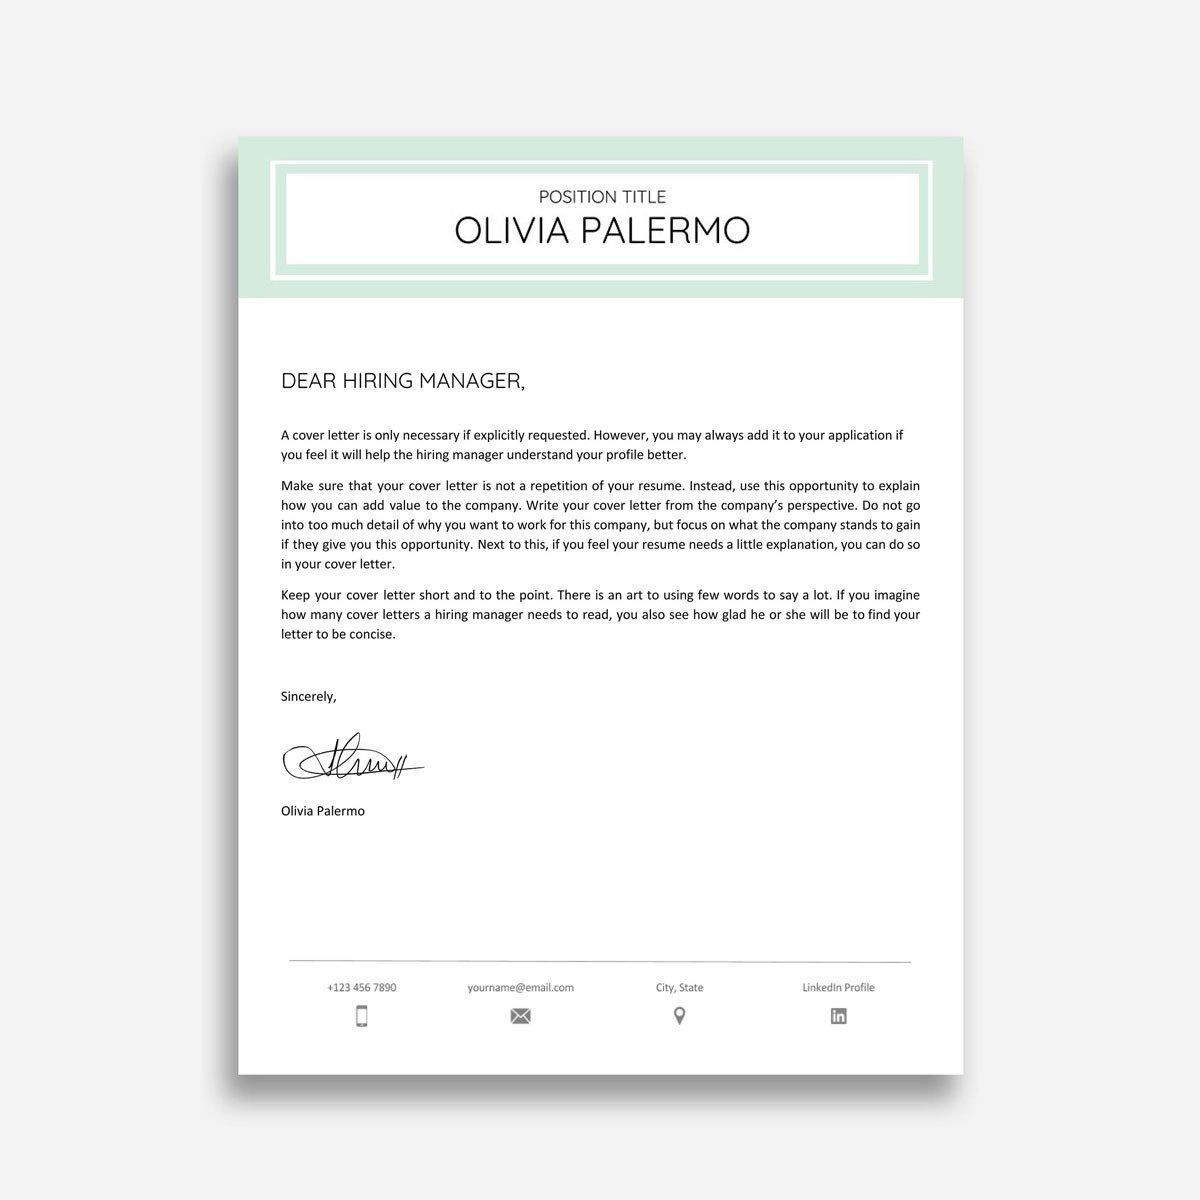 003 Stunning Cover Letter Sample Template Word Highest Quality  Resume MicrosoftFull